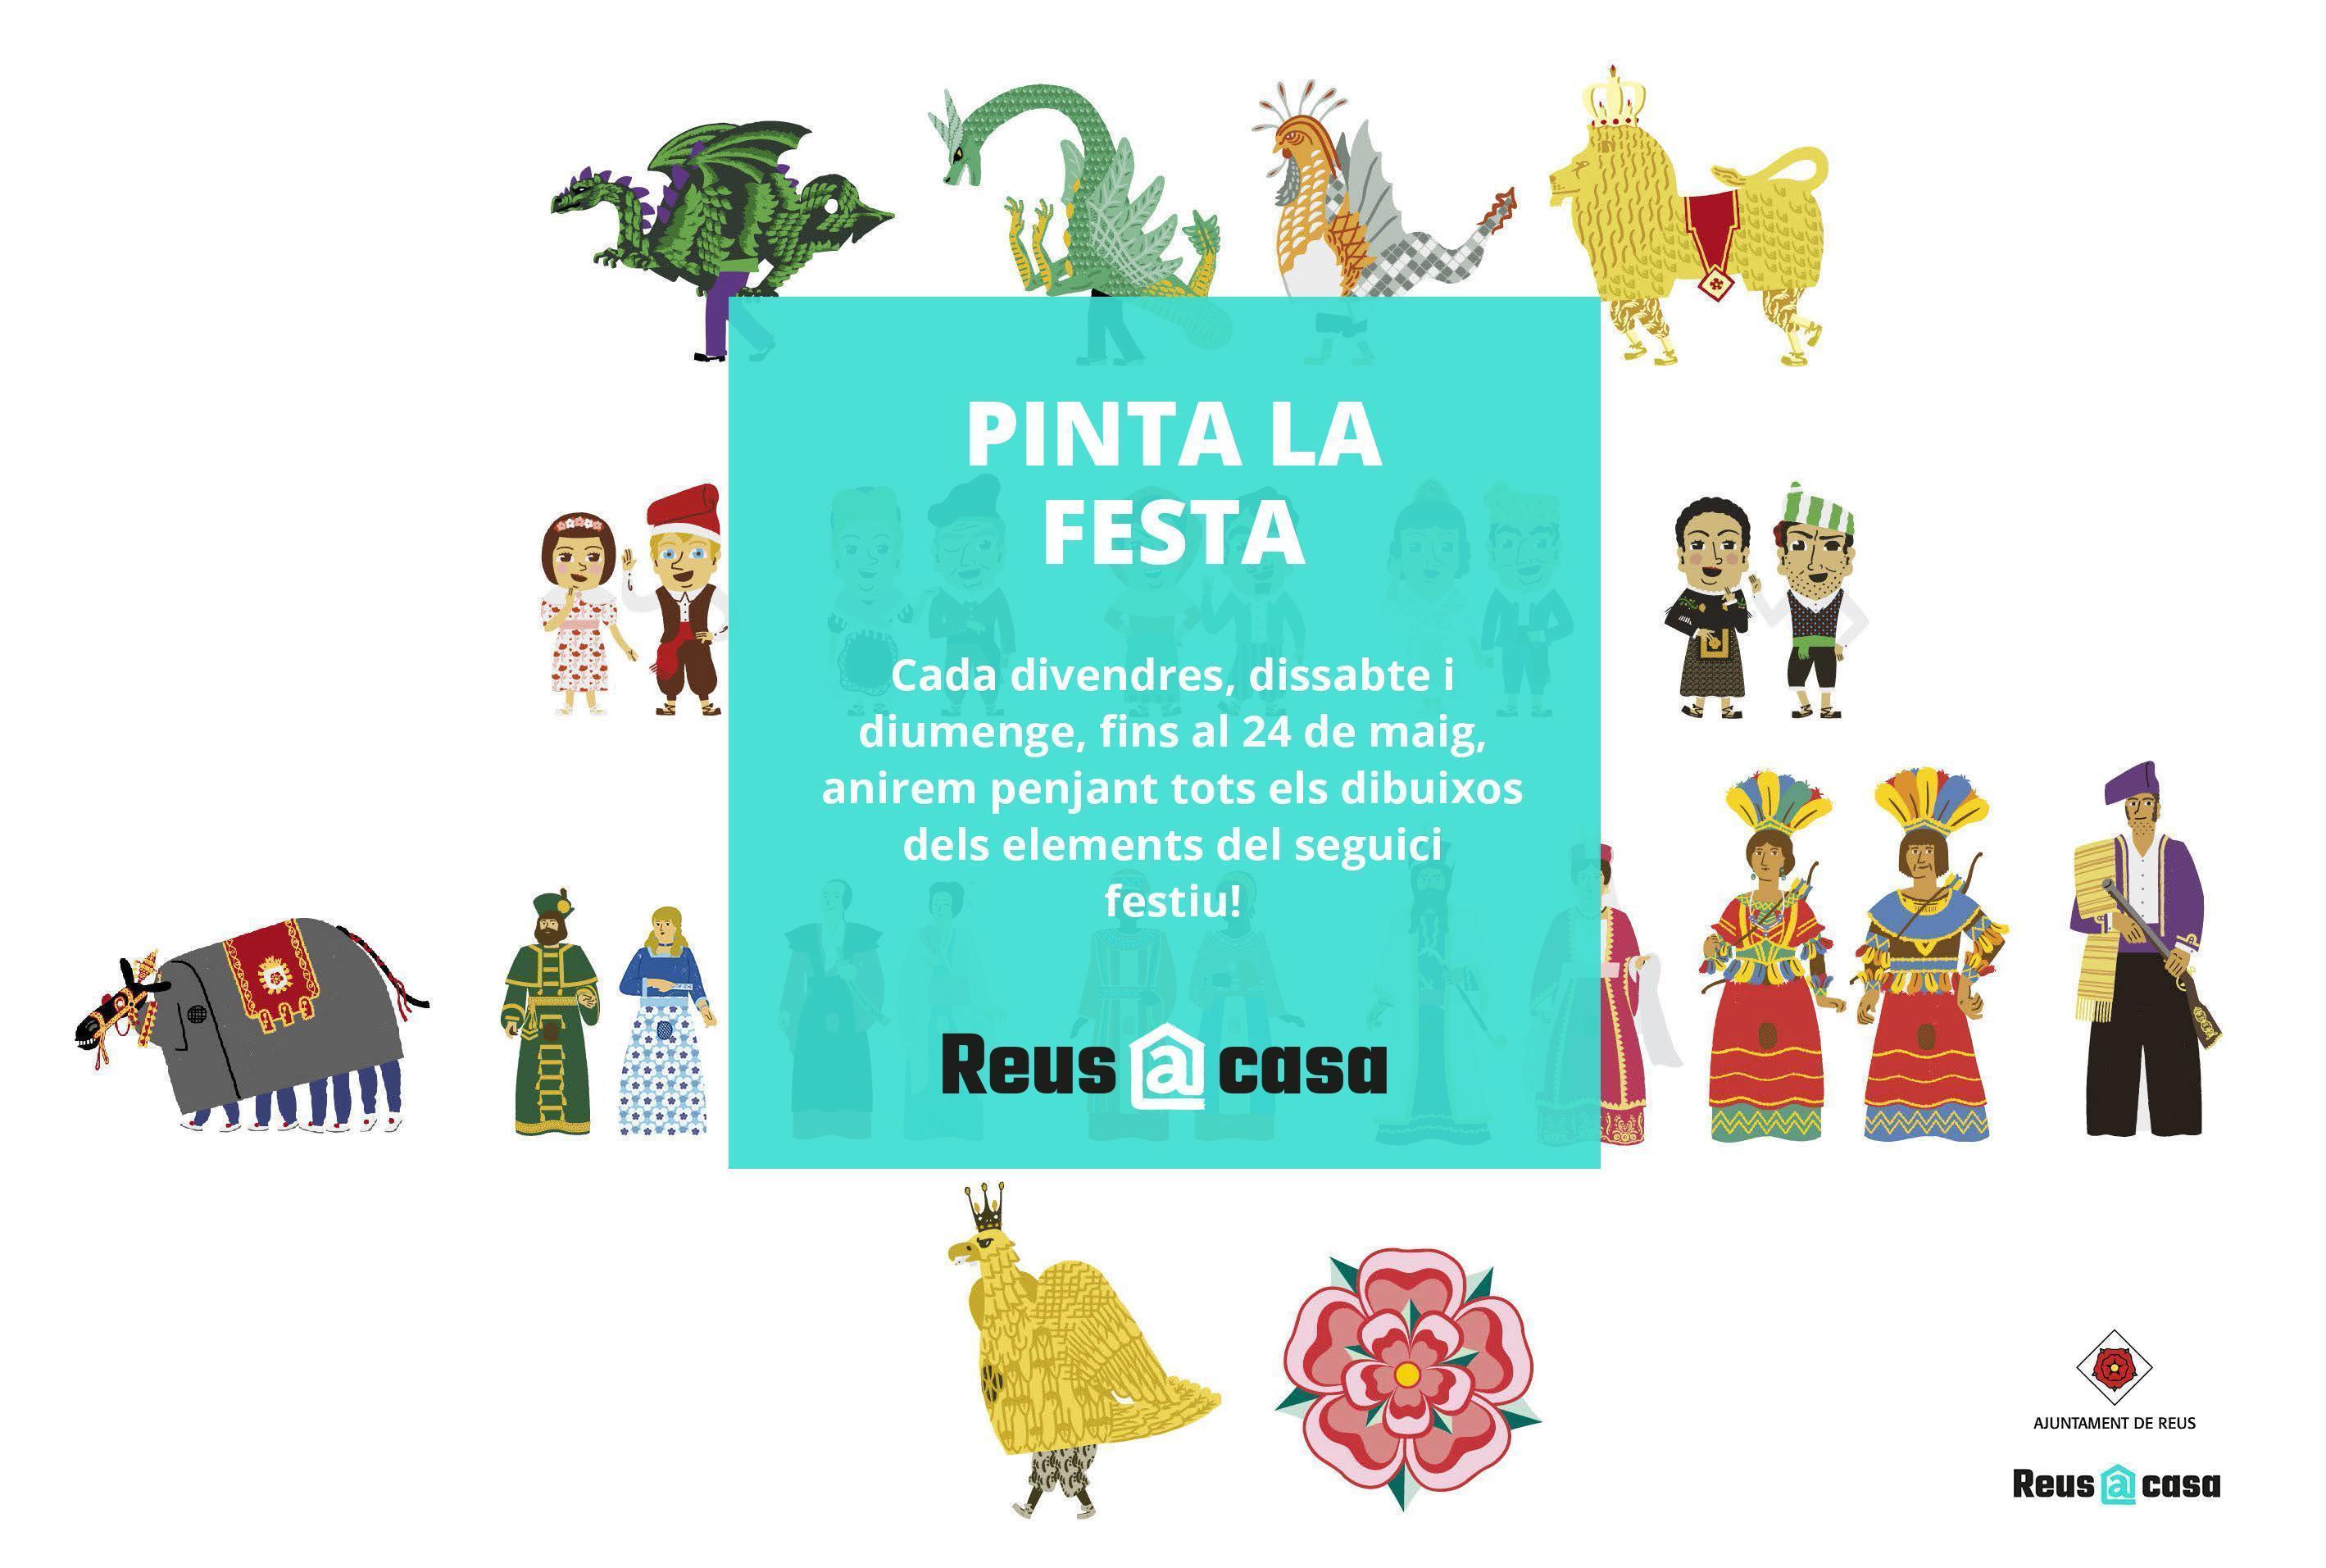 Pinta la festa: La Víbria